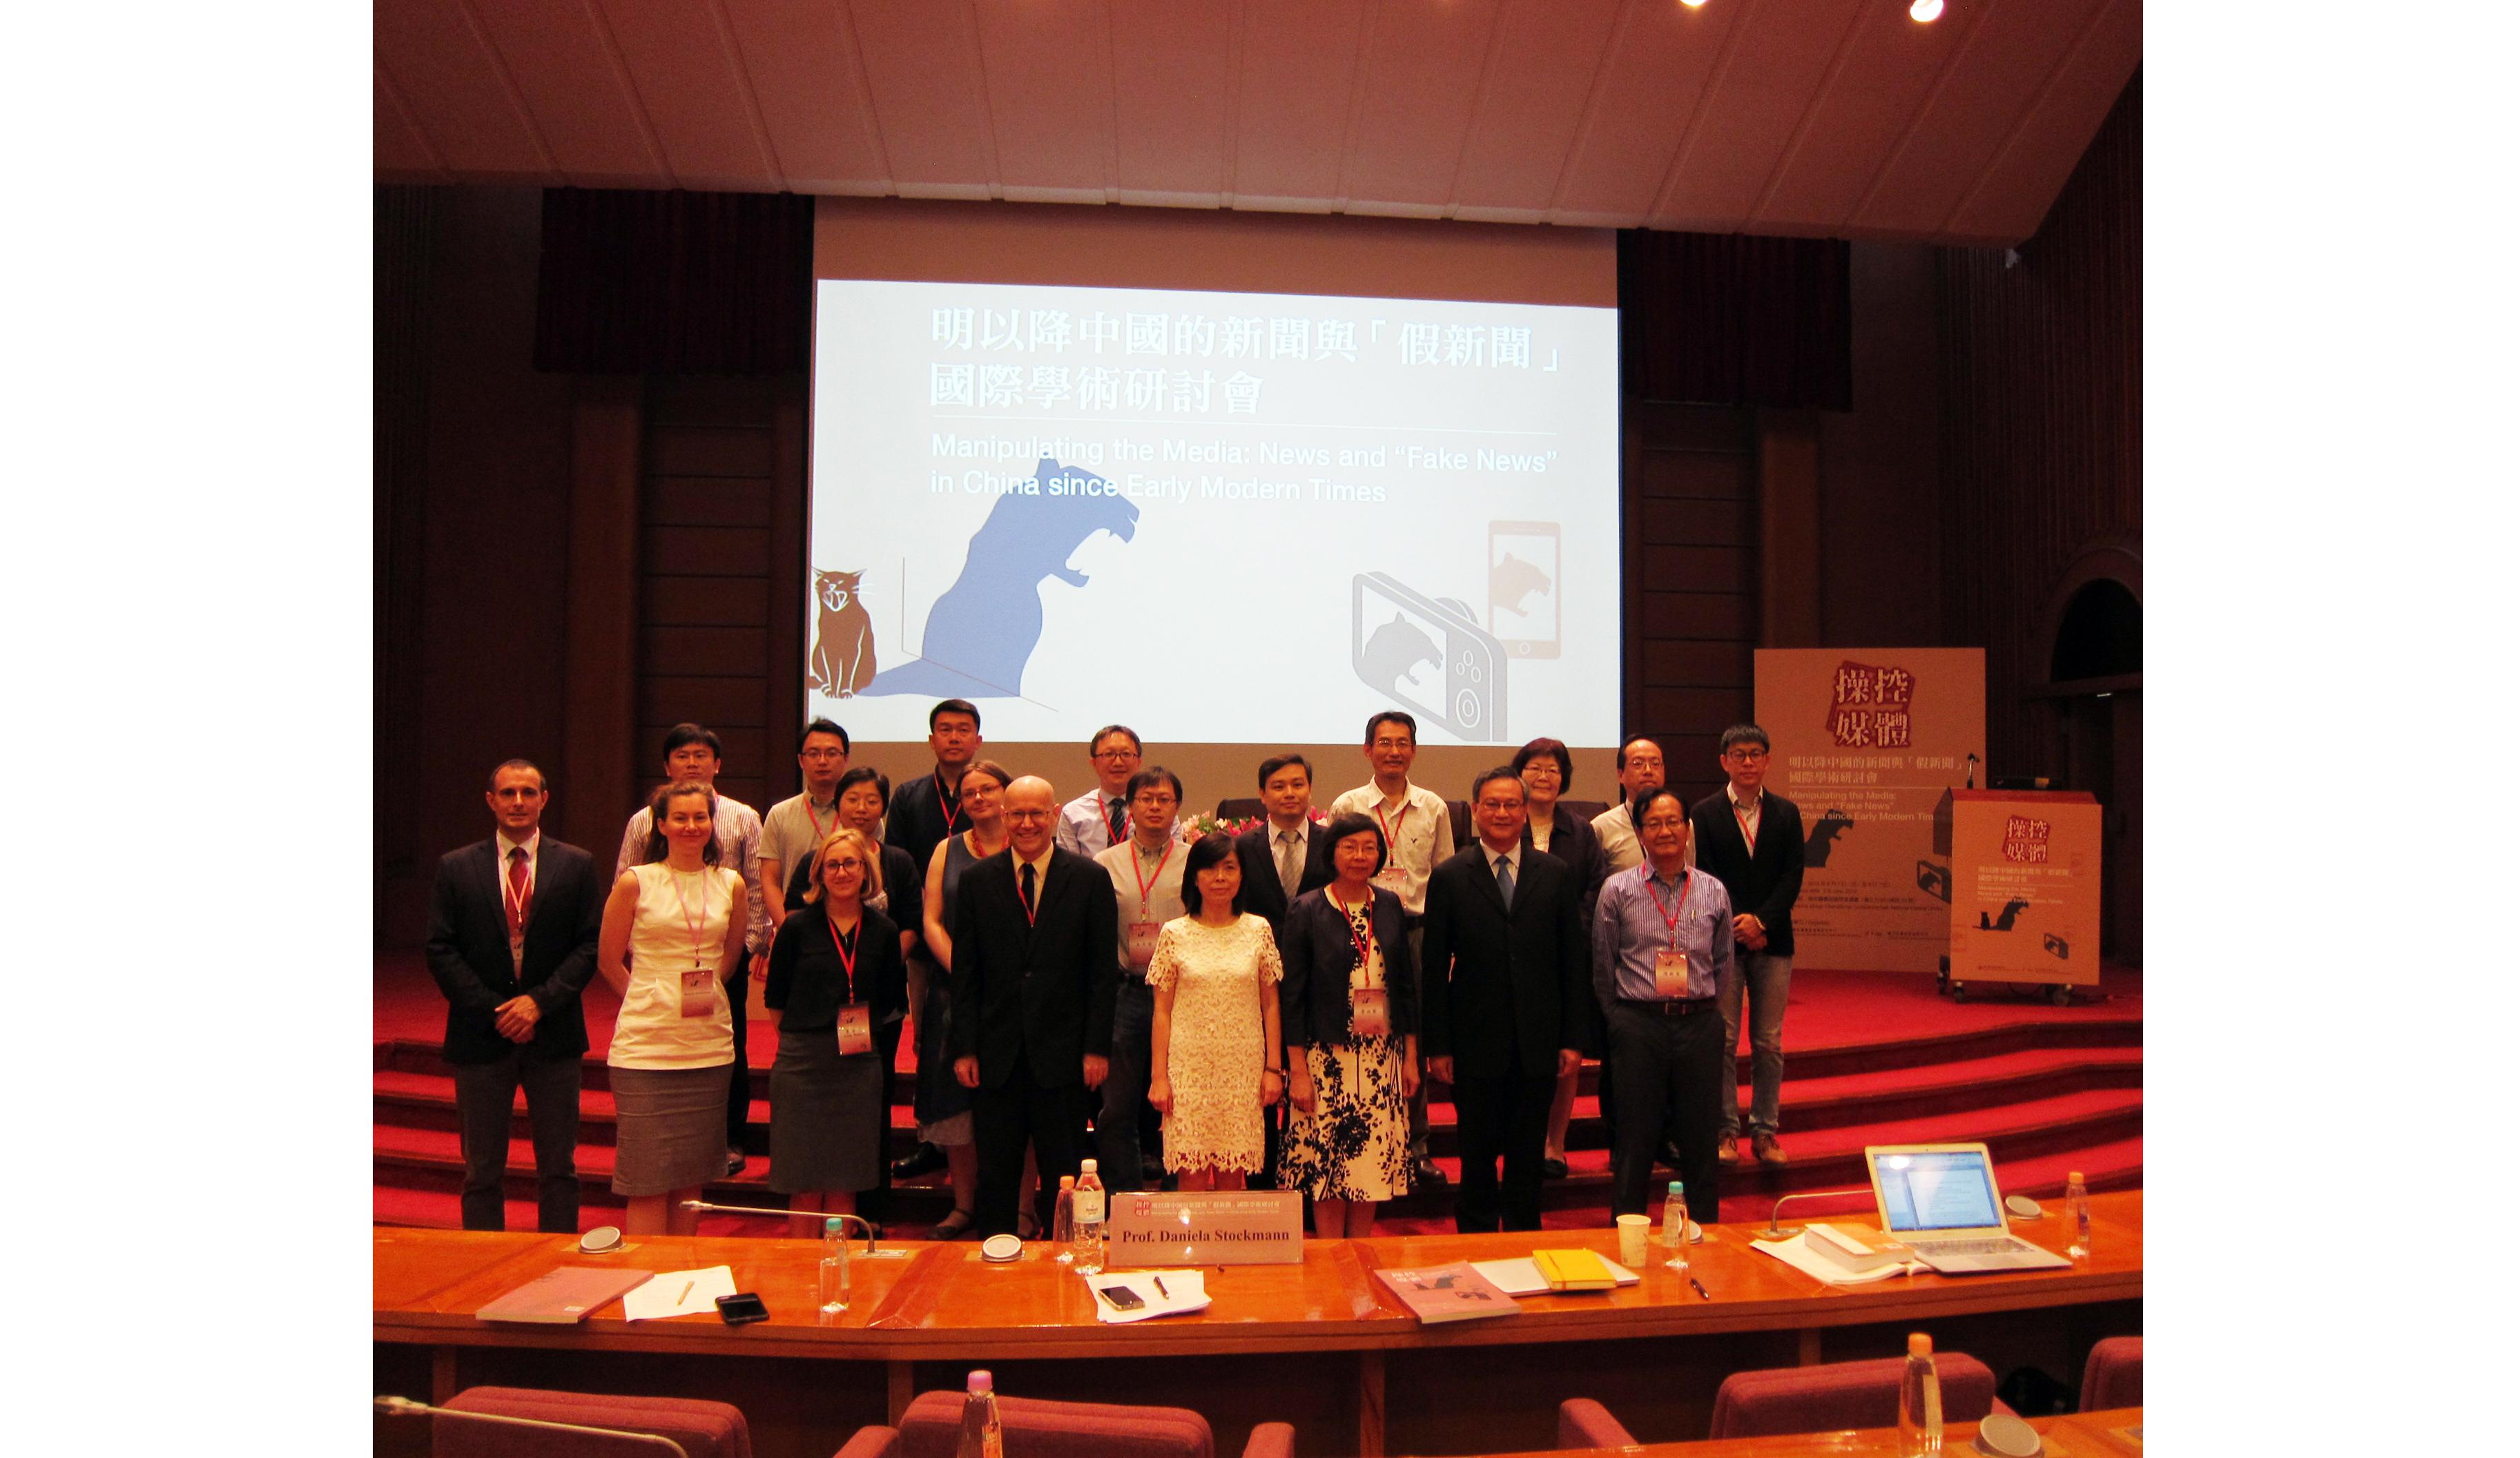 「操控媒體:明以降中國的新聞與『假新聞』」國際學術研討會會議報導